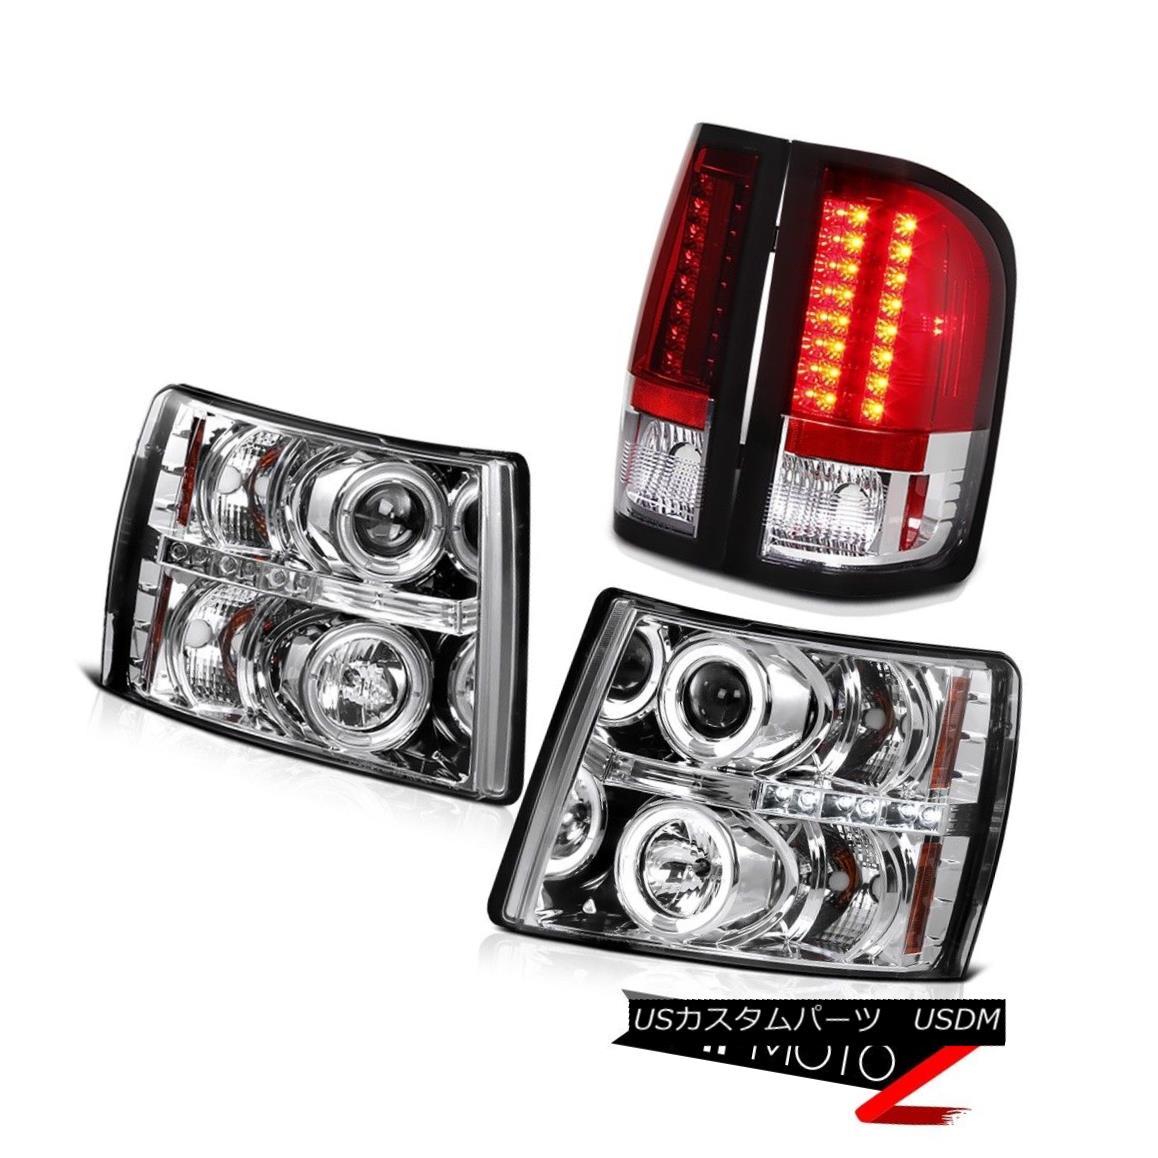 テールライト 4PC FRONT+REAR 07-14 Silverado 1500|2500HD|3500HD Halo LED Headlight Tail Lamps 4PC FRONT + REAR 07-14 Silverado 1500 | 2500HD | 35 00HD Halo LEDヘッドライトテールランプ